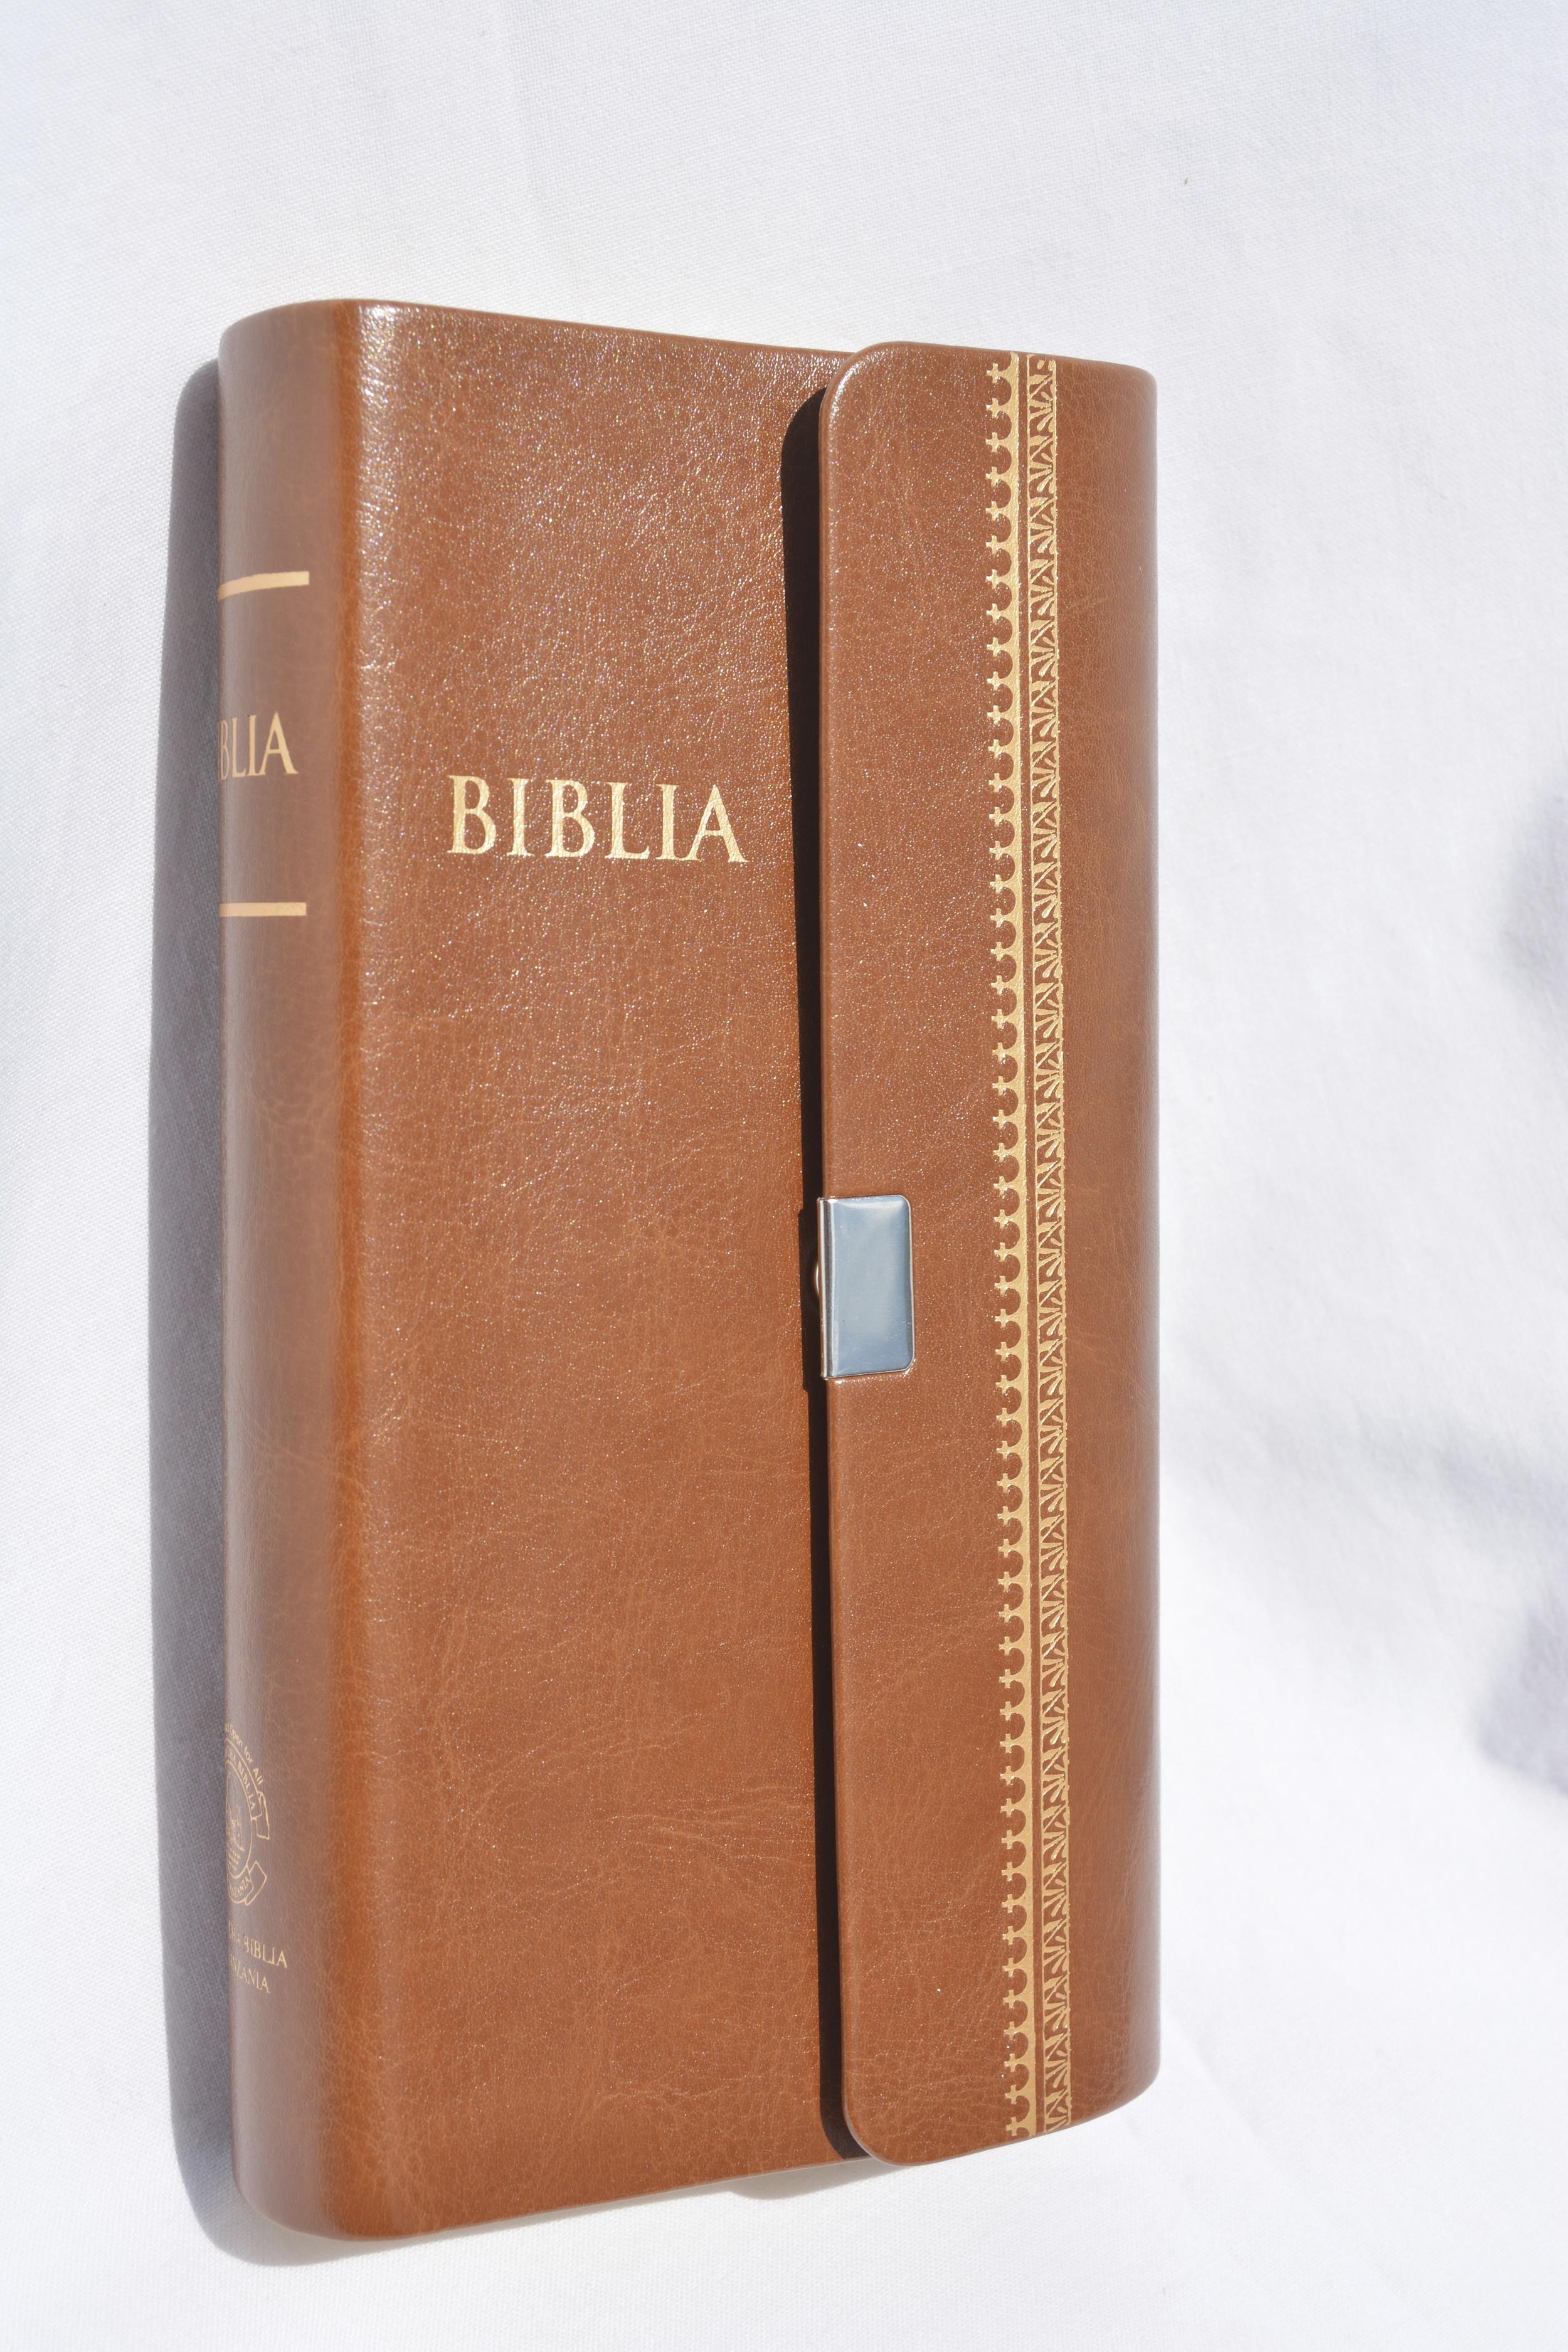 Biblia 032 Time Line flap.jpg